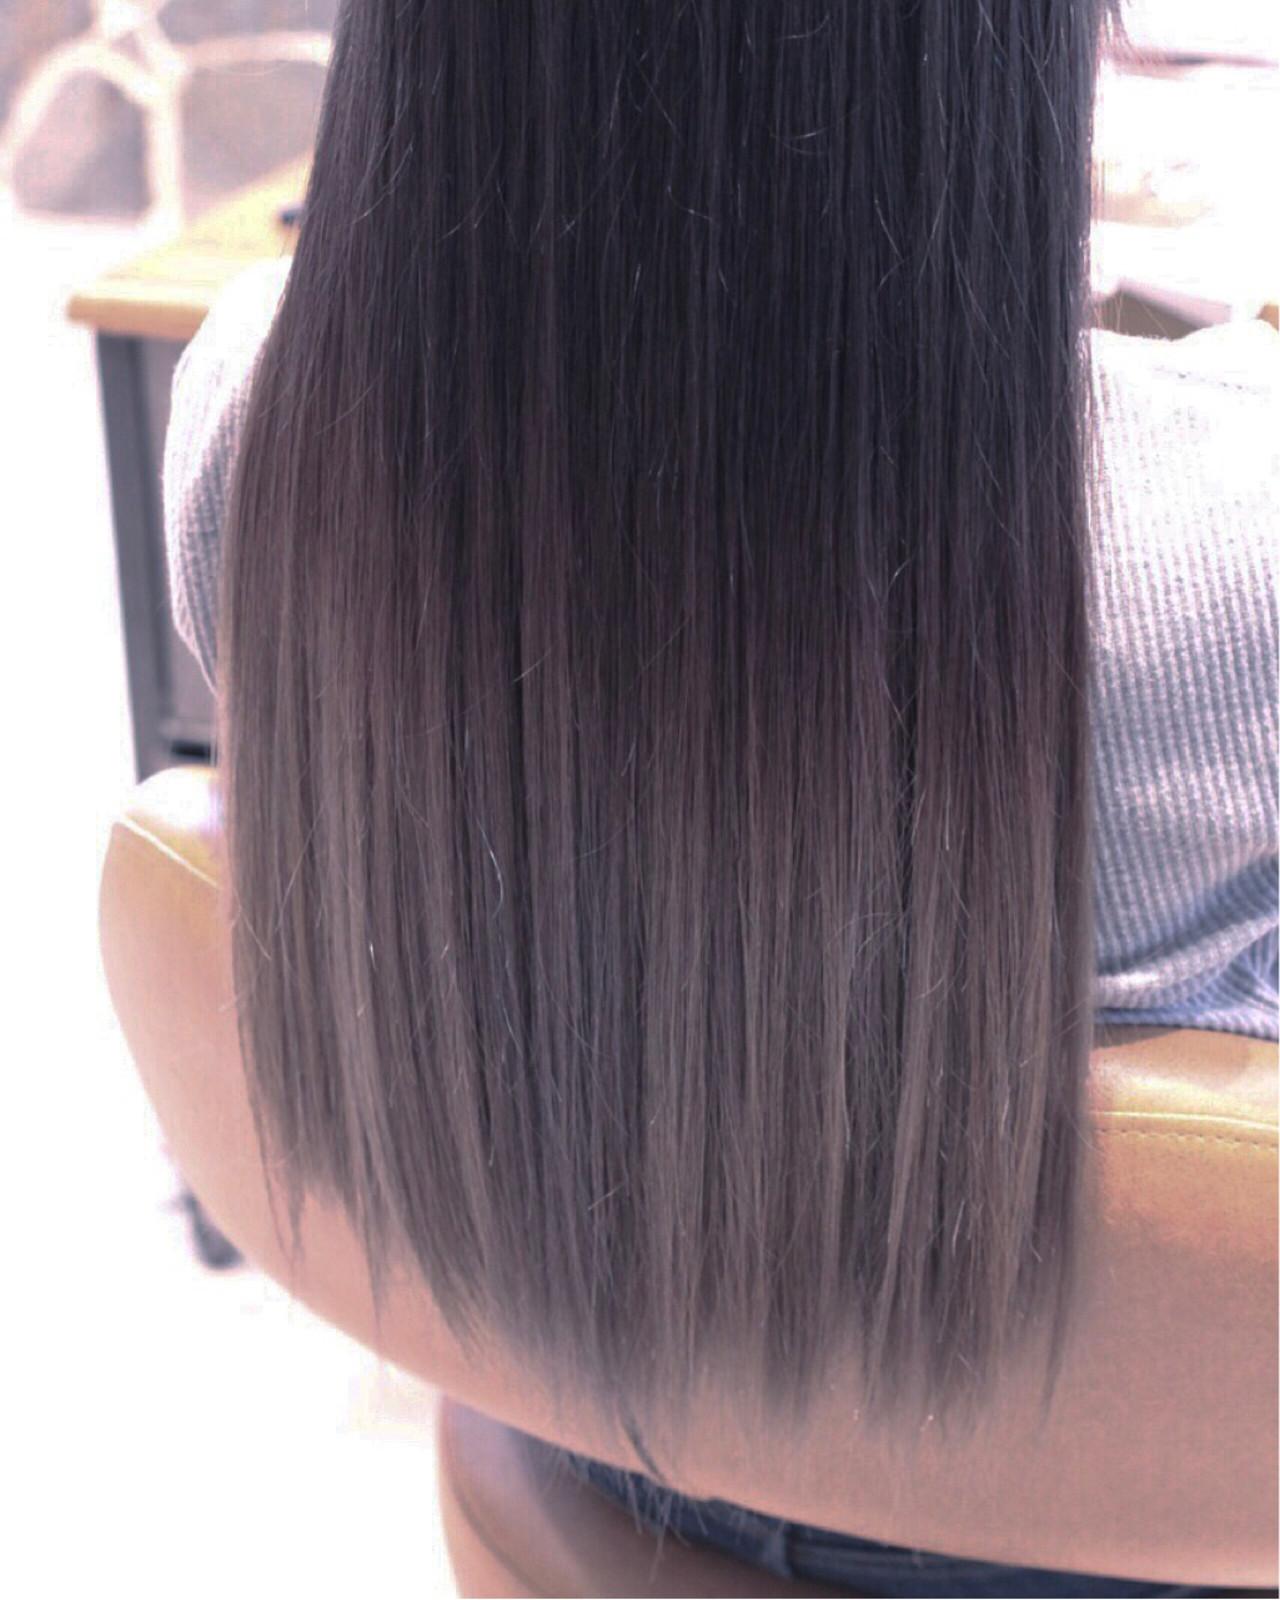 ただの黒髪じゃ重たいという人にもおすすめ kotono | hair&make earth